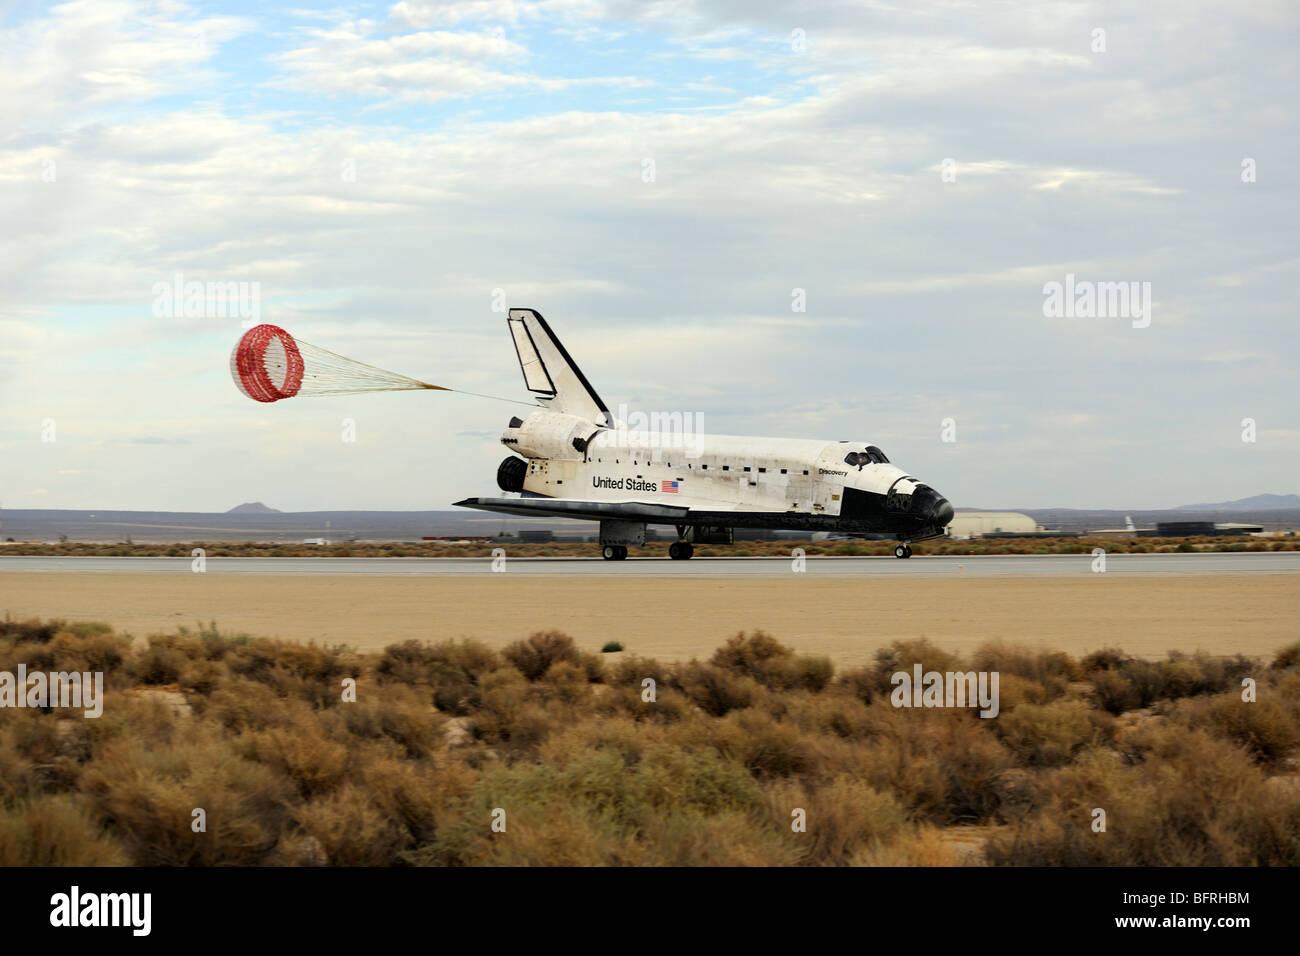 La navette spatiale Discovery déploie sa chute glisser comme le véhicule s'immobilise. Photo Stock